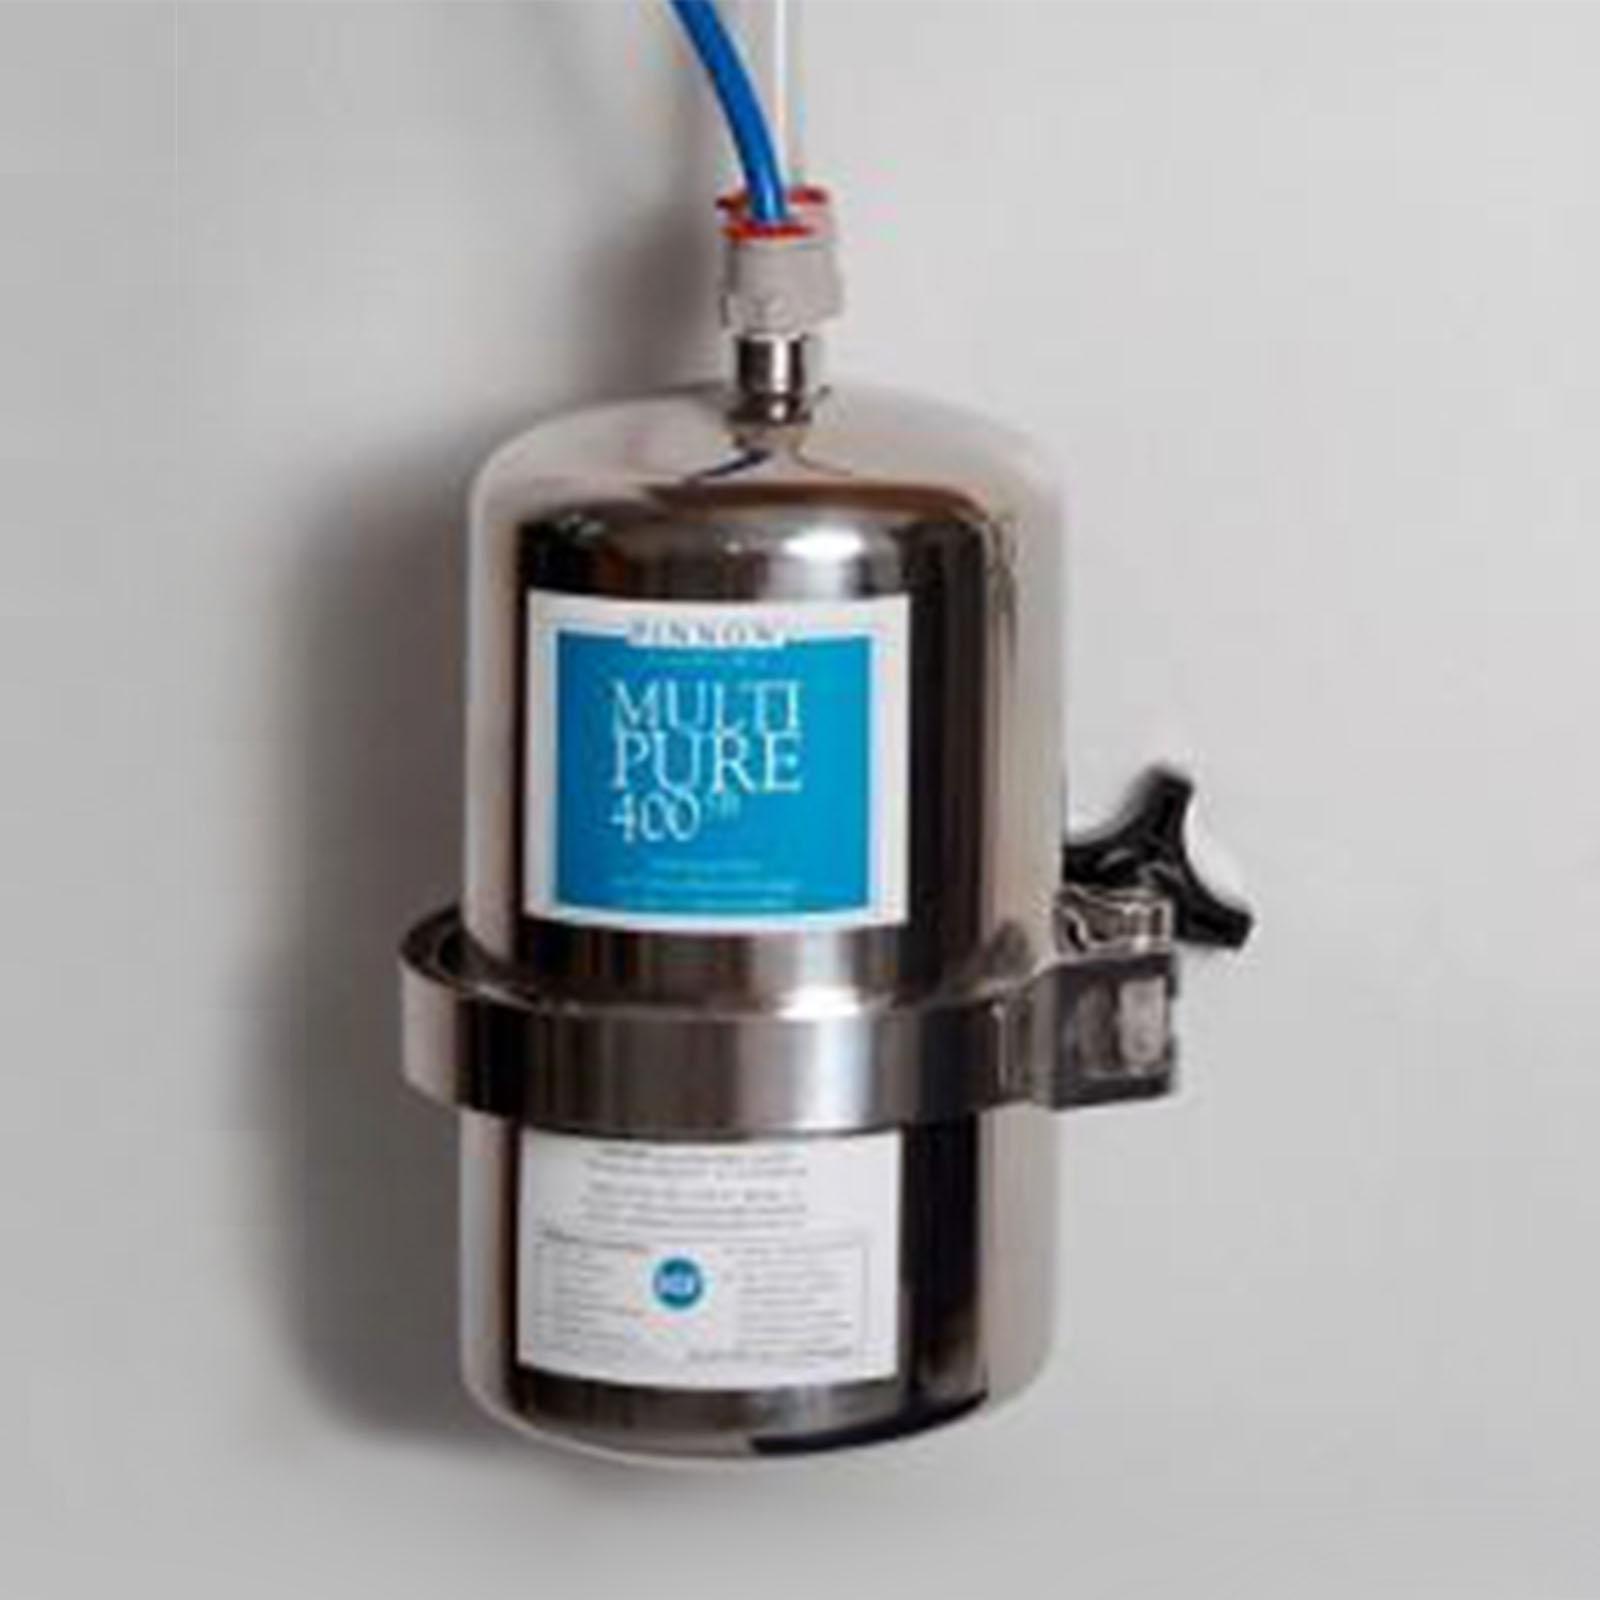 Multipure MP-400SB, Edelstahl-Untertisch-/Einbaufilter Wasserfilter ...